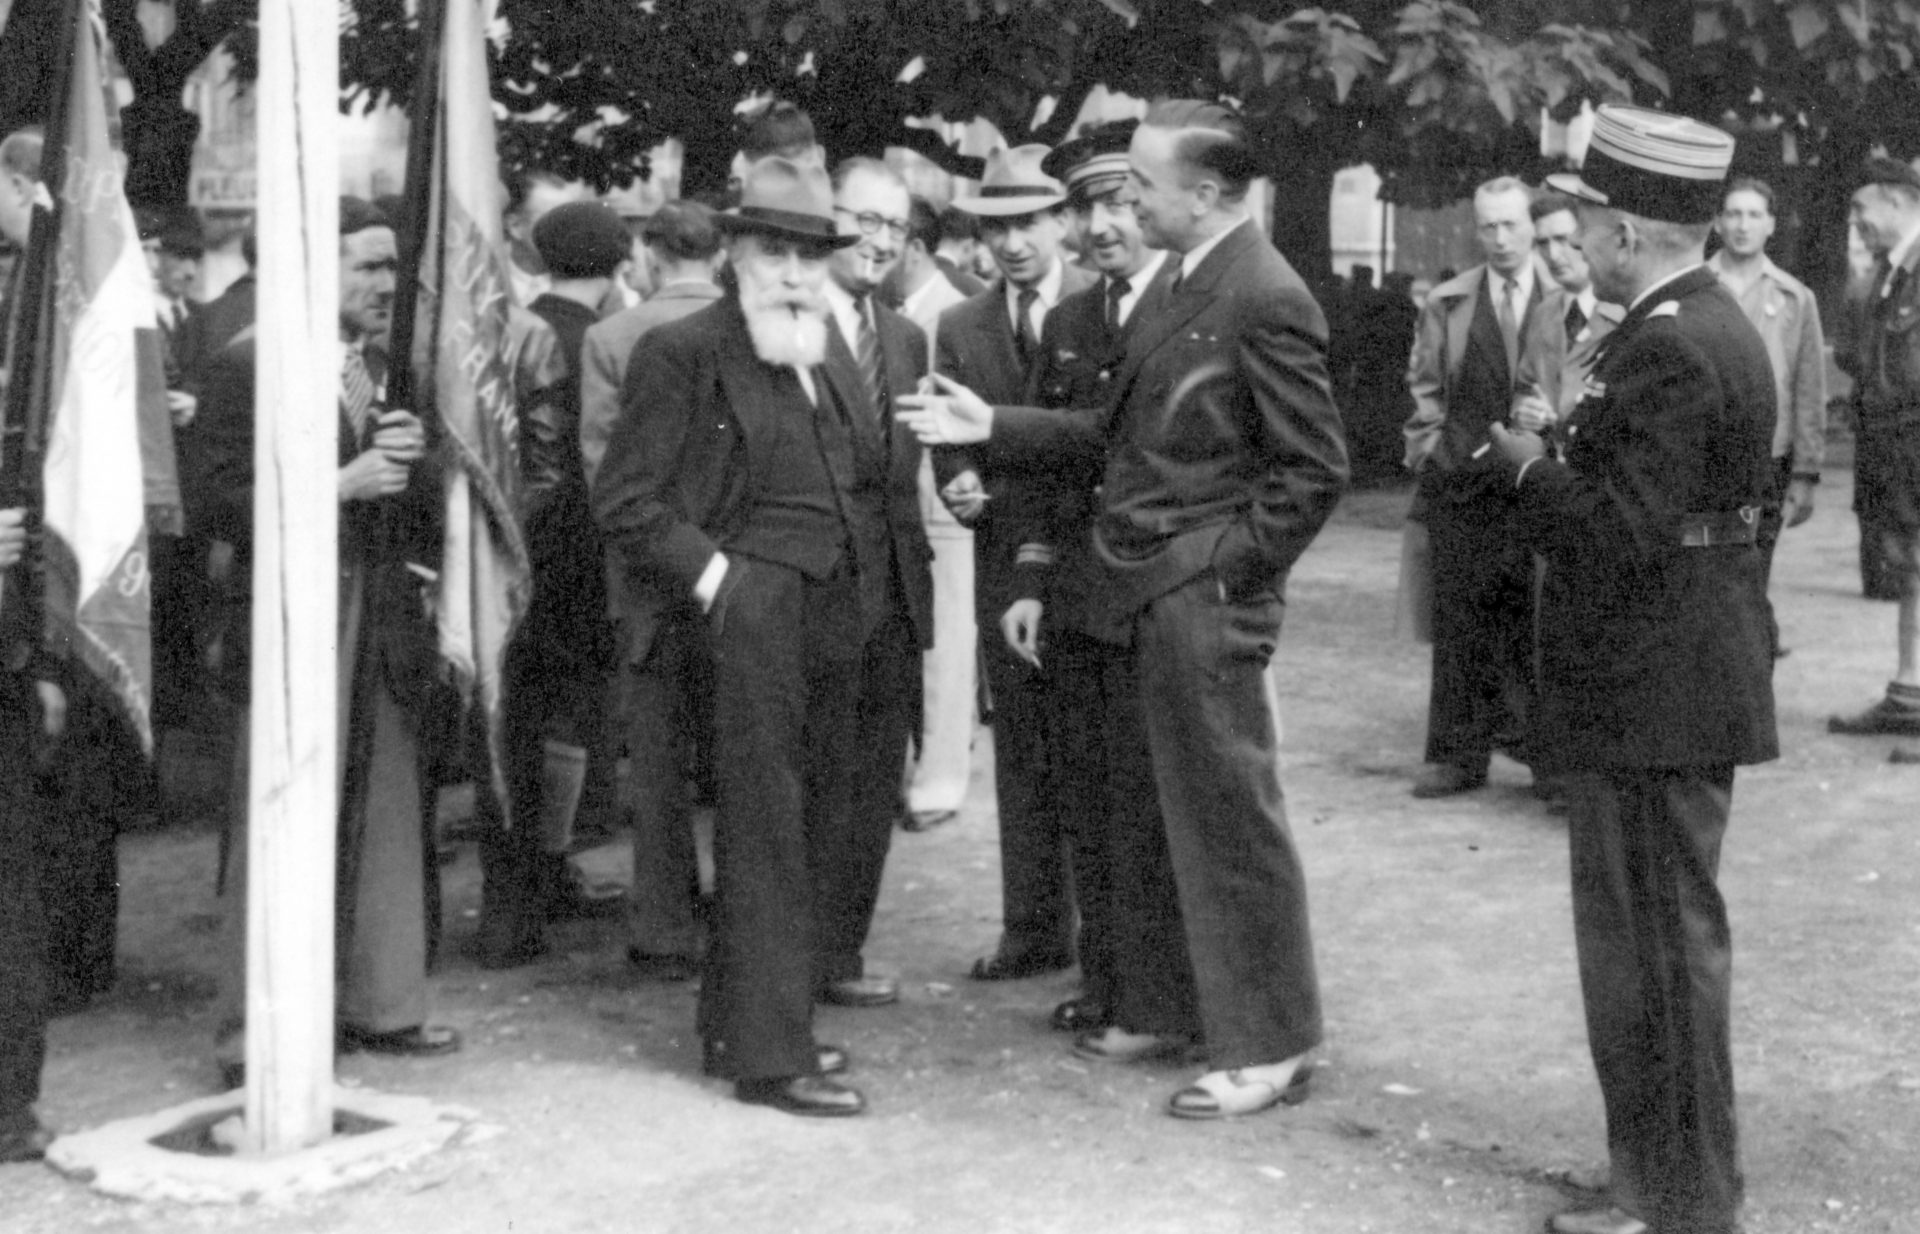 Alexandre Varenne et Francisque Fabre au centre portant un chapeau beige